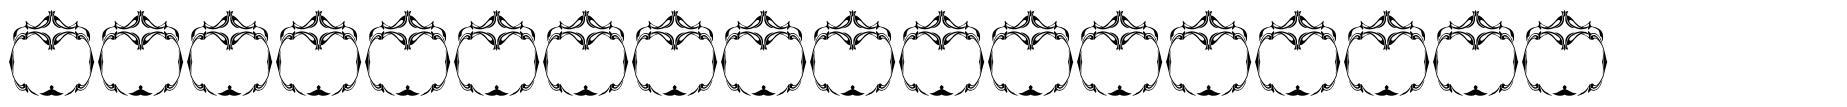 Vintage Panels 018 font